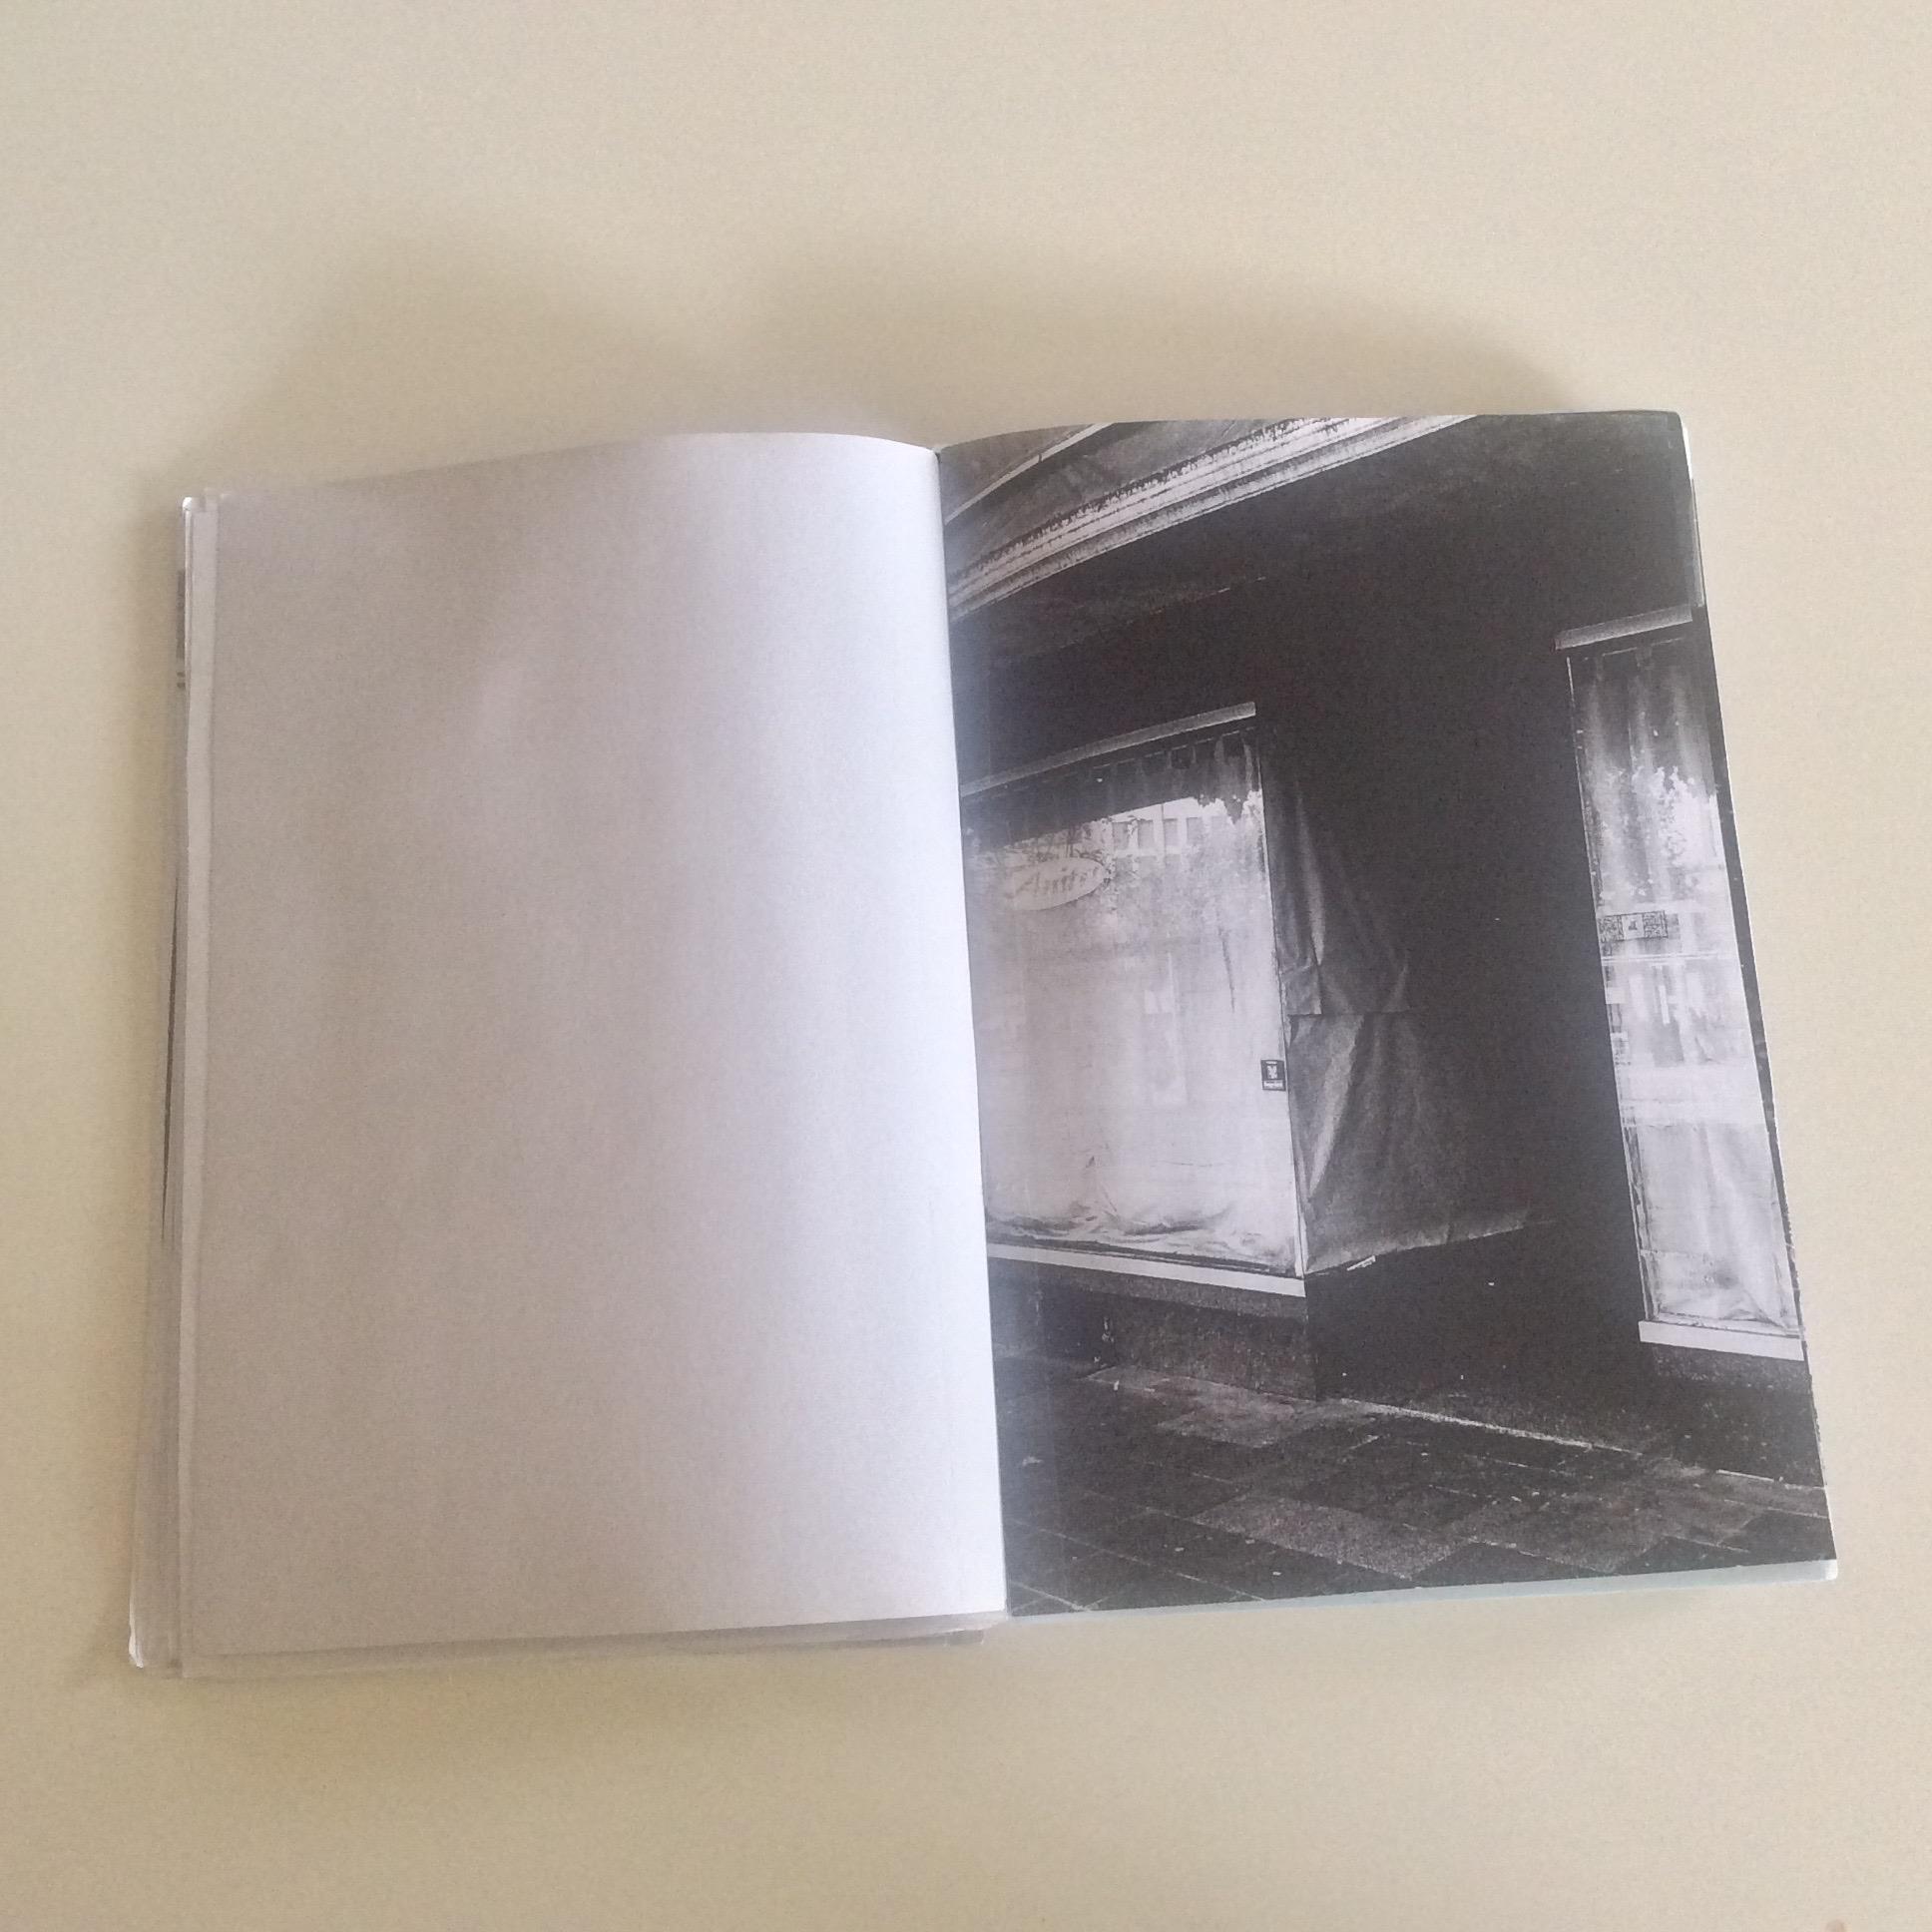 Photographies Sabrina Karp-dessin du livre Claire Jolin-les editions orange claireIMG_1468